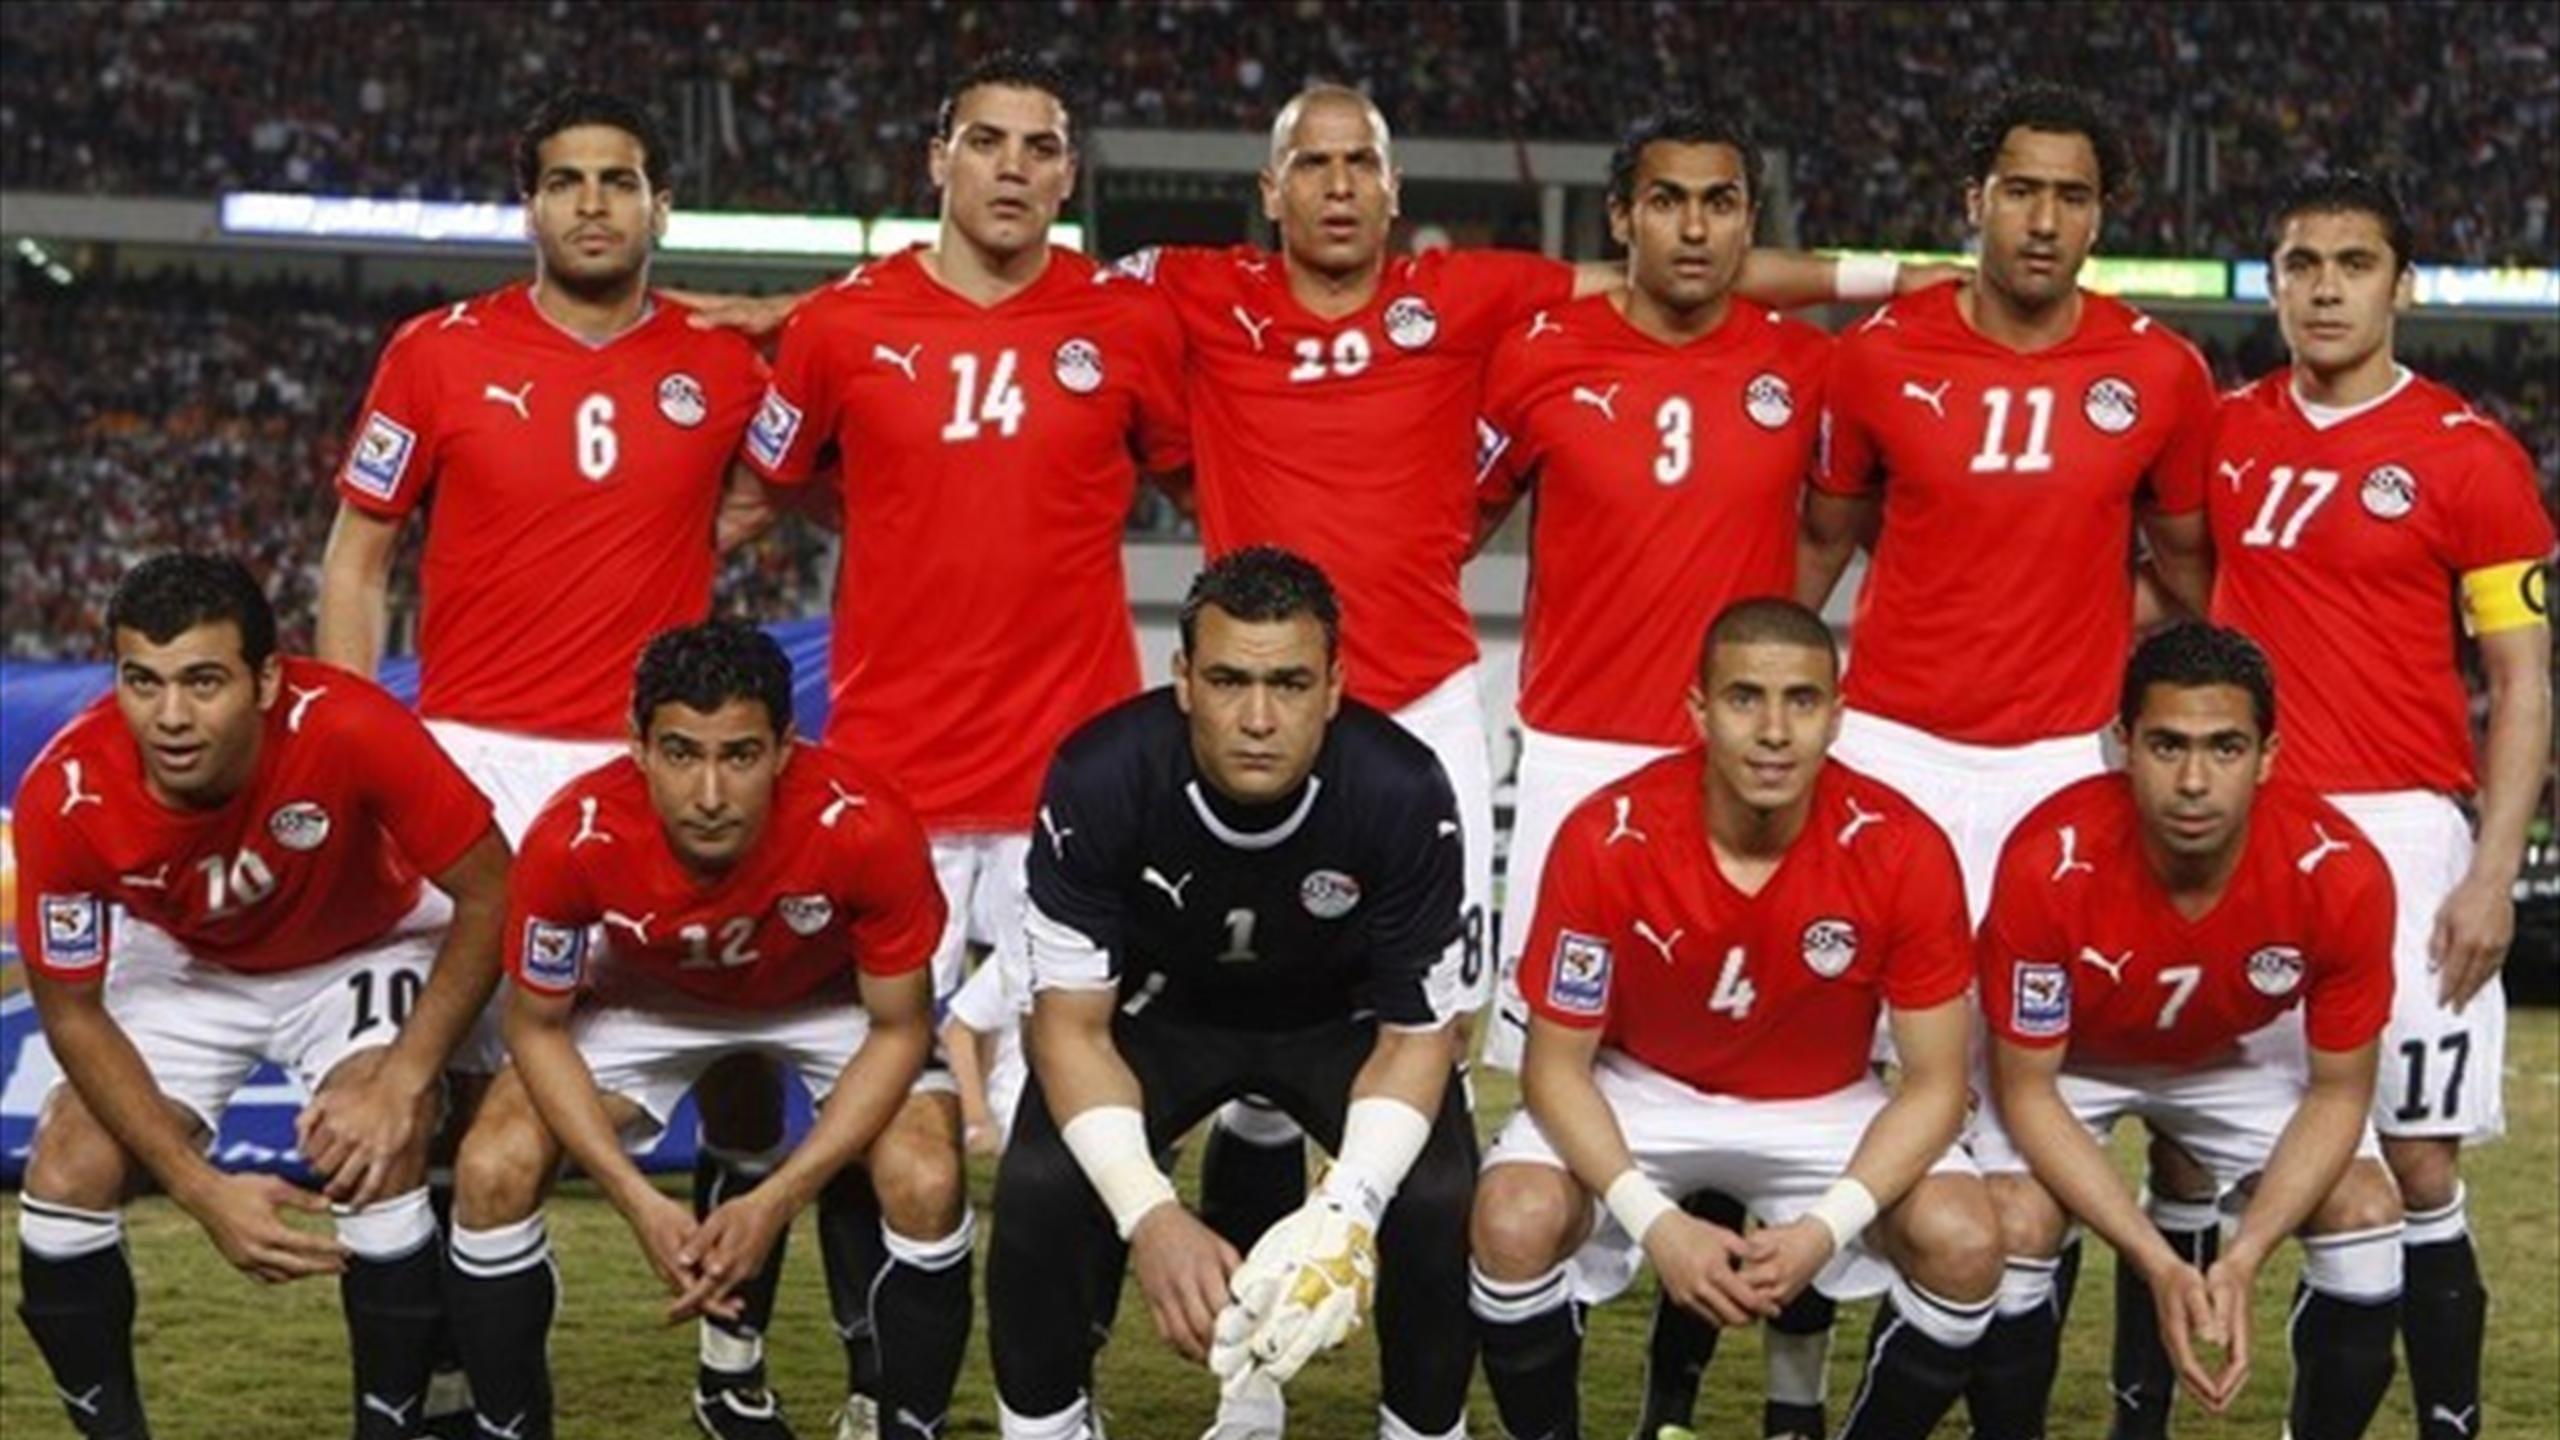 بالصور صور النادي الاهلي , القلعة الحمراء اللى حققت اكبر البطولات 2478